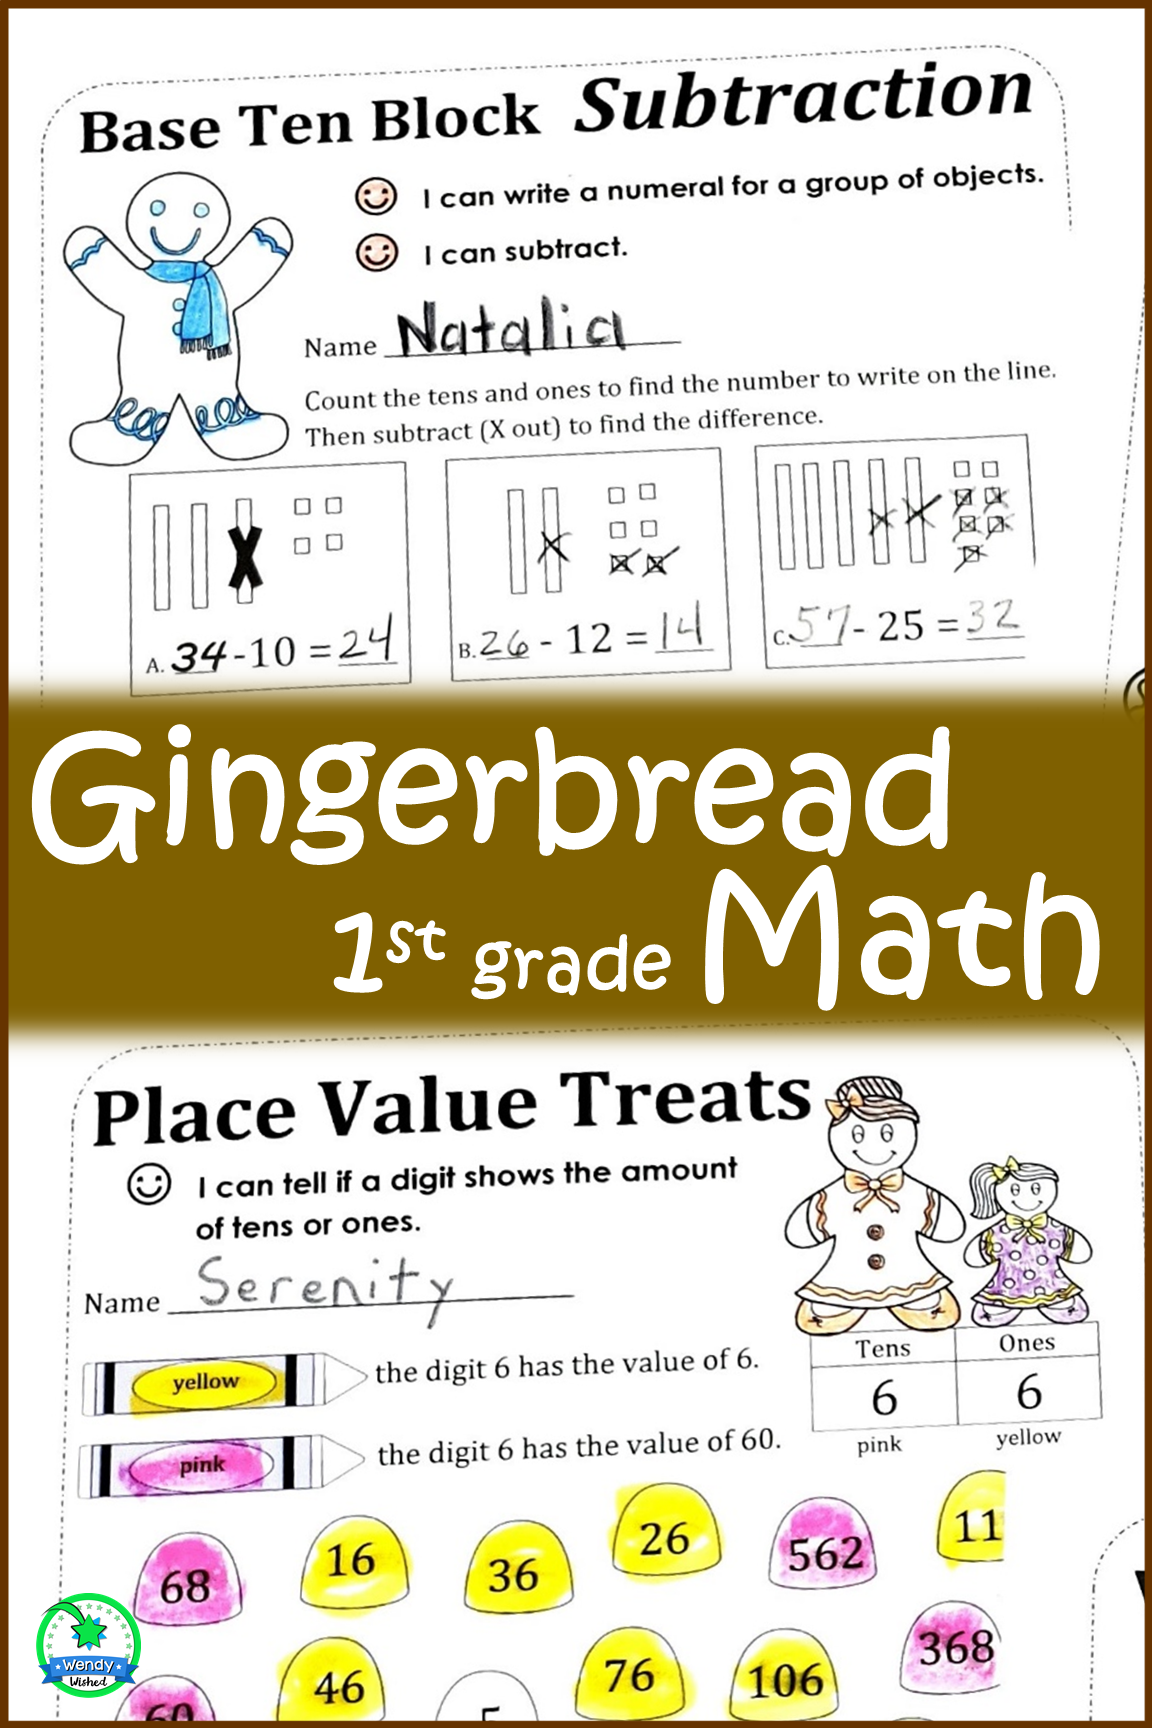 Gingerbread Man 1st Grade Math Worksheets First Grade Math Worksheets 1st Grade Math Worksheets Easy Teaching [ 1728 x 1152 Pixel ]